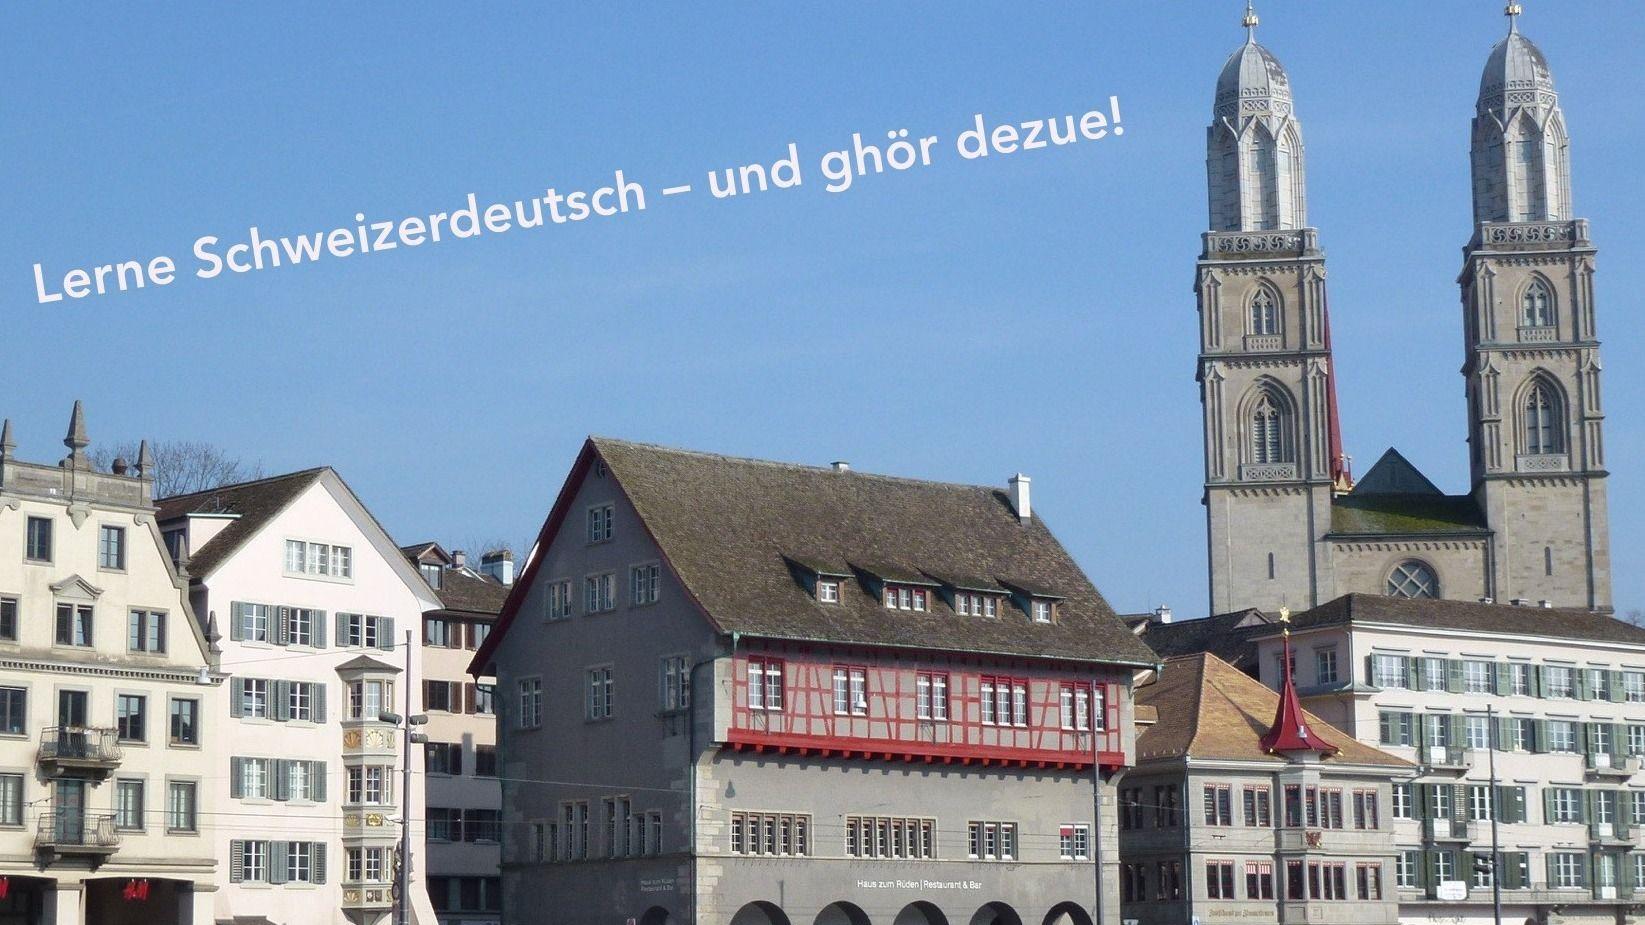 Swiss German, Zurich